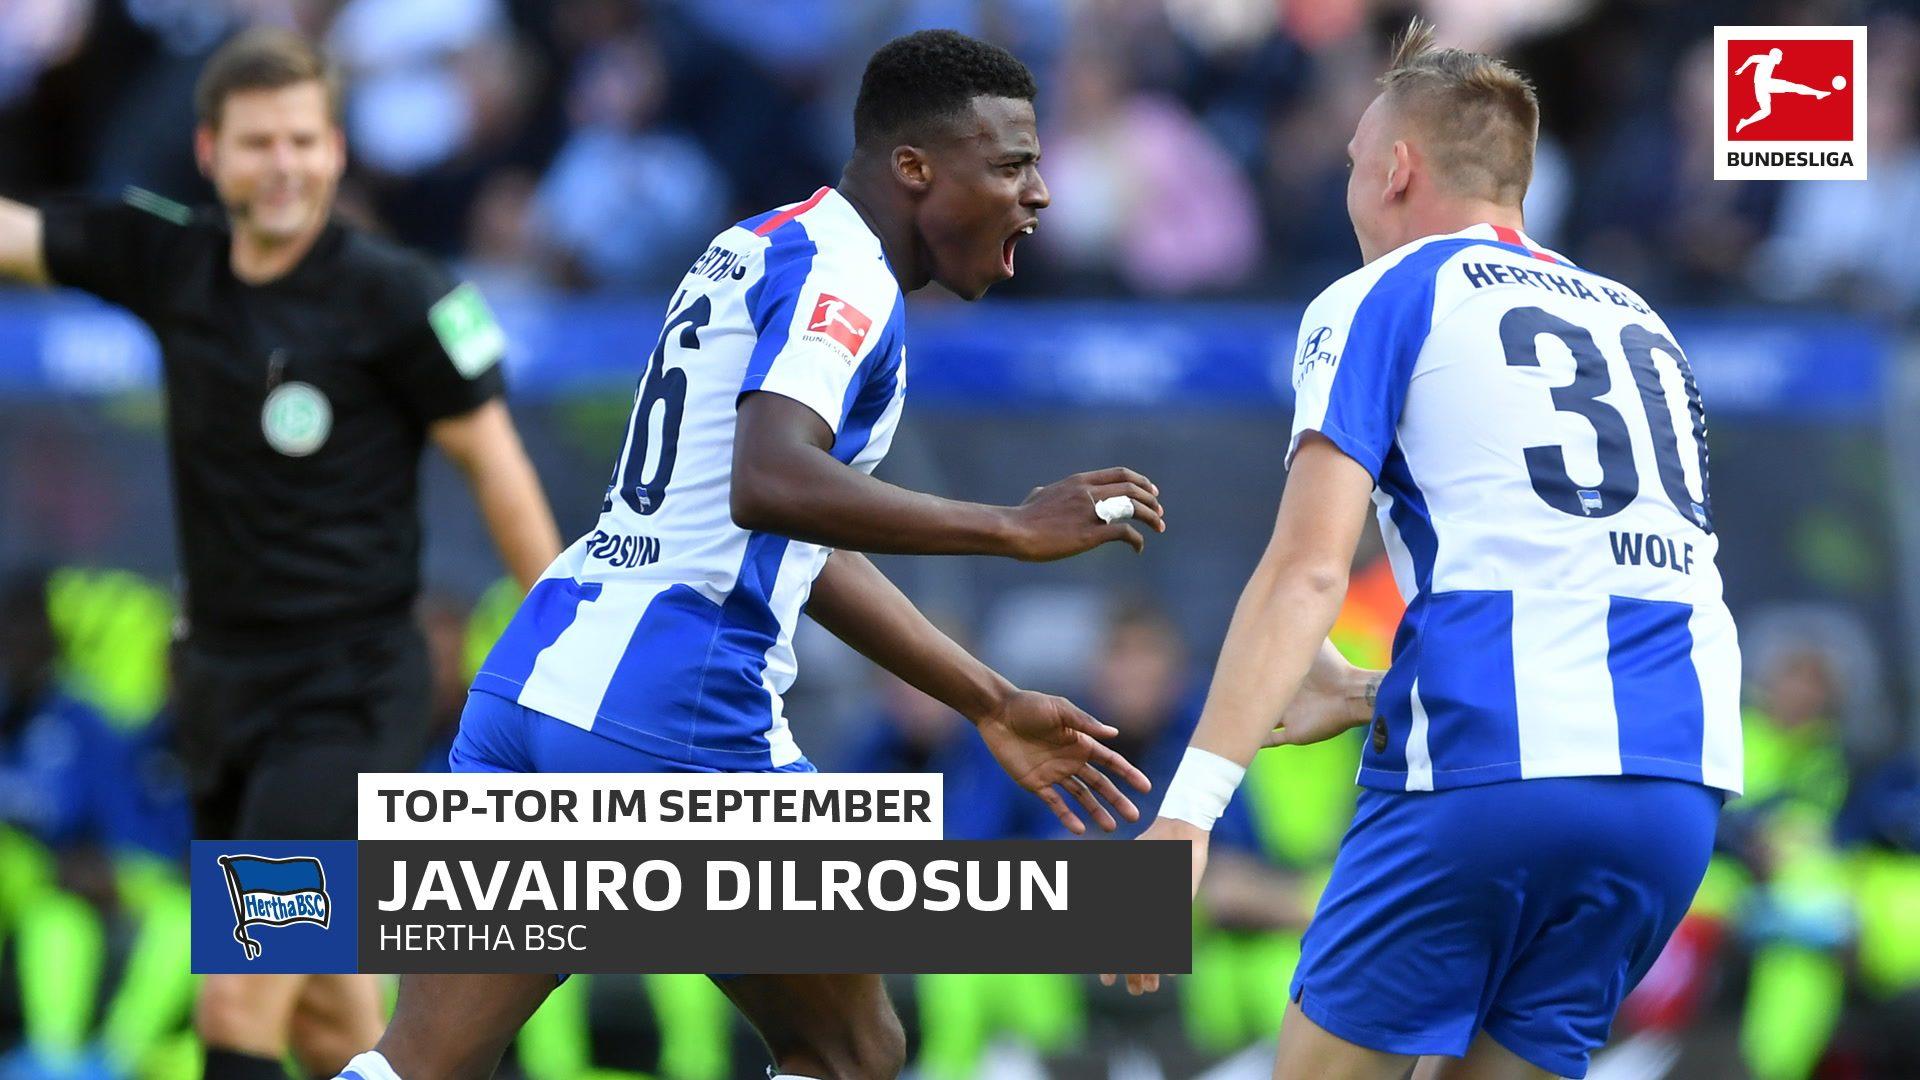 Javairo Dilrosun erzielt das Top-Tor im September